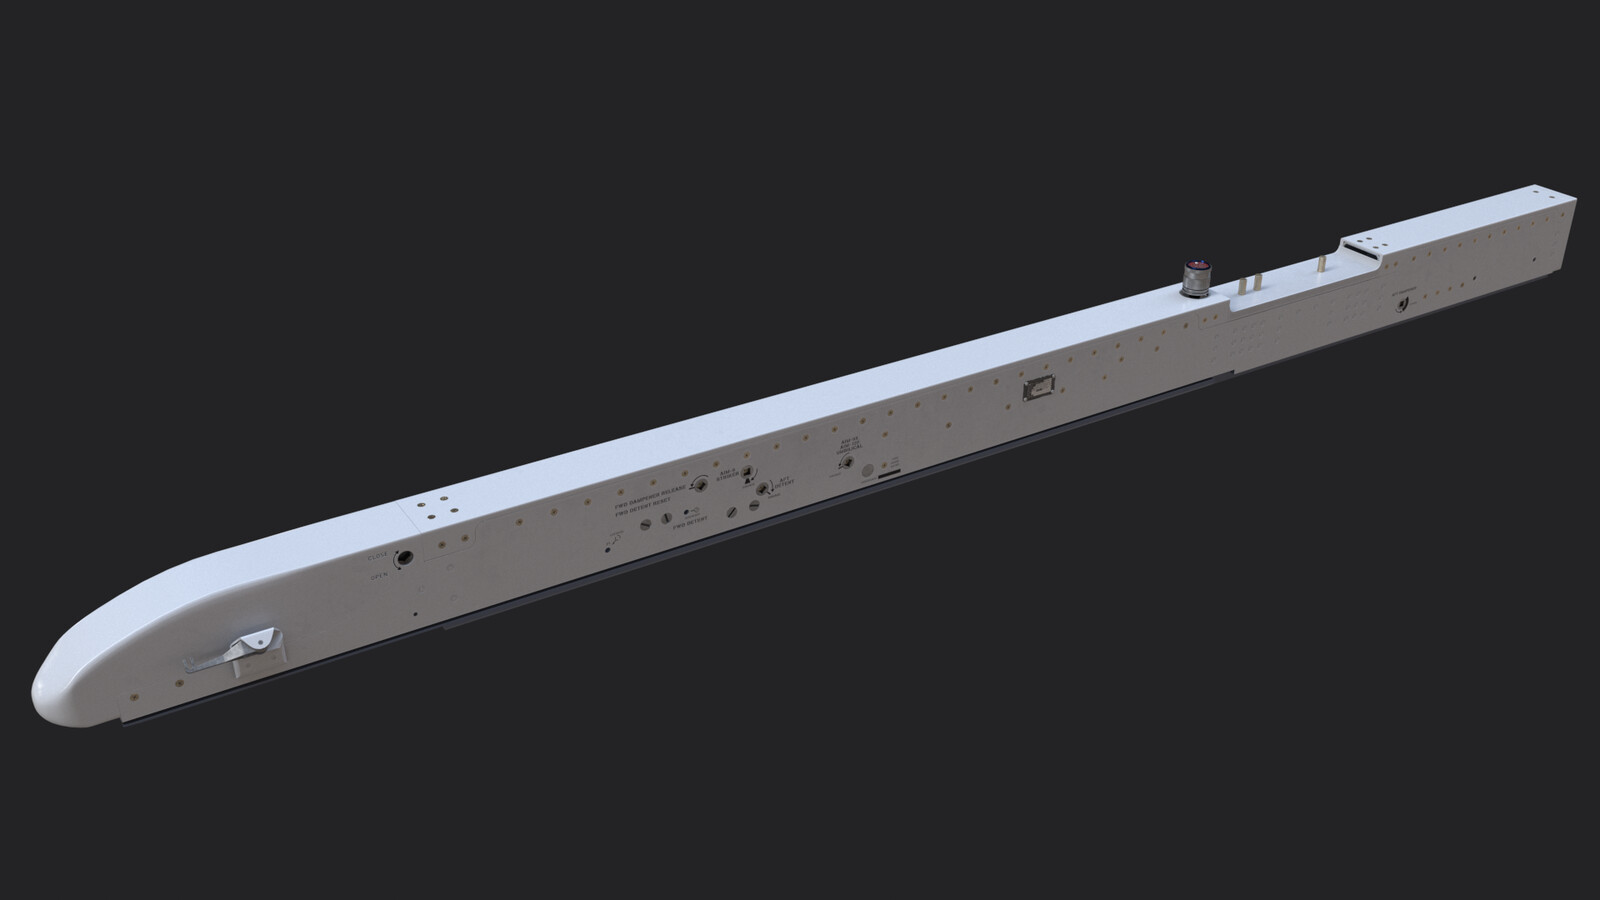 LAU-129 Missile Launcher